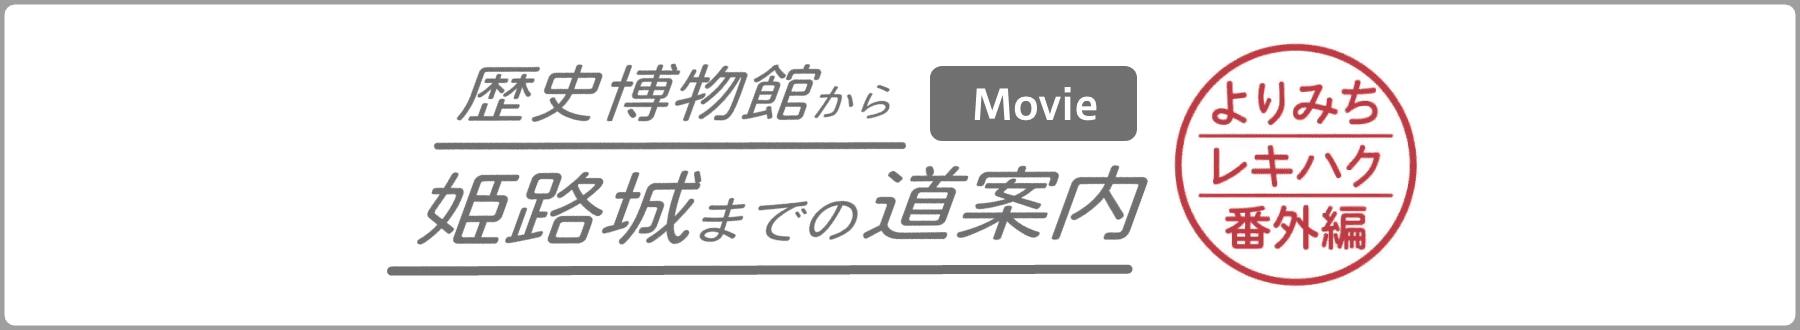 歴史博物館から姫路城までの道案内(よりみちレキハク番外編)